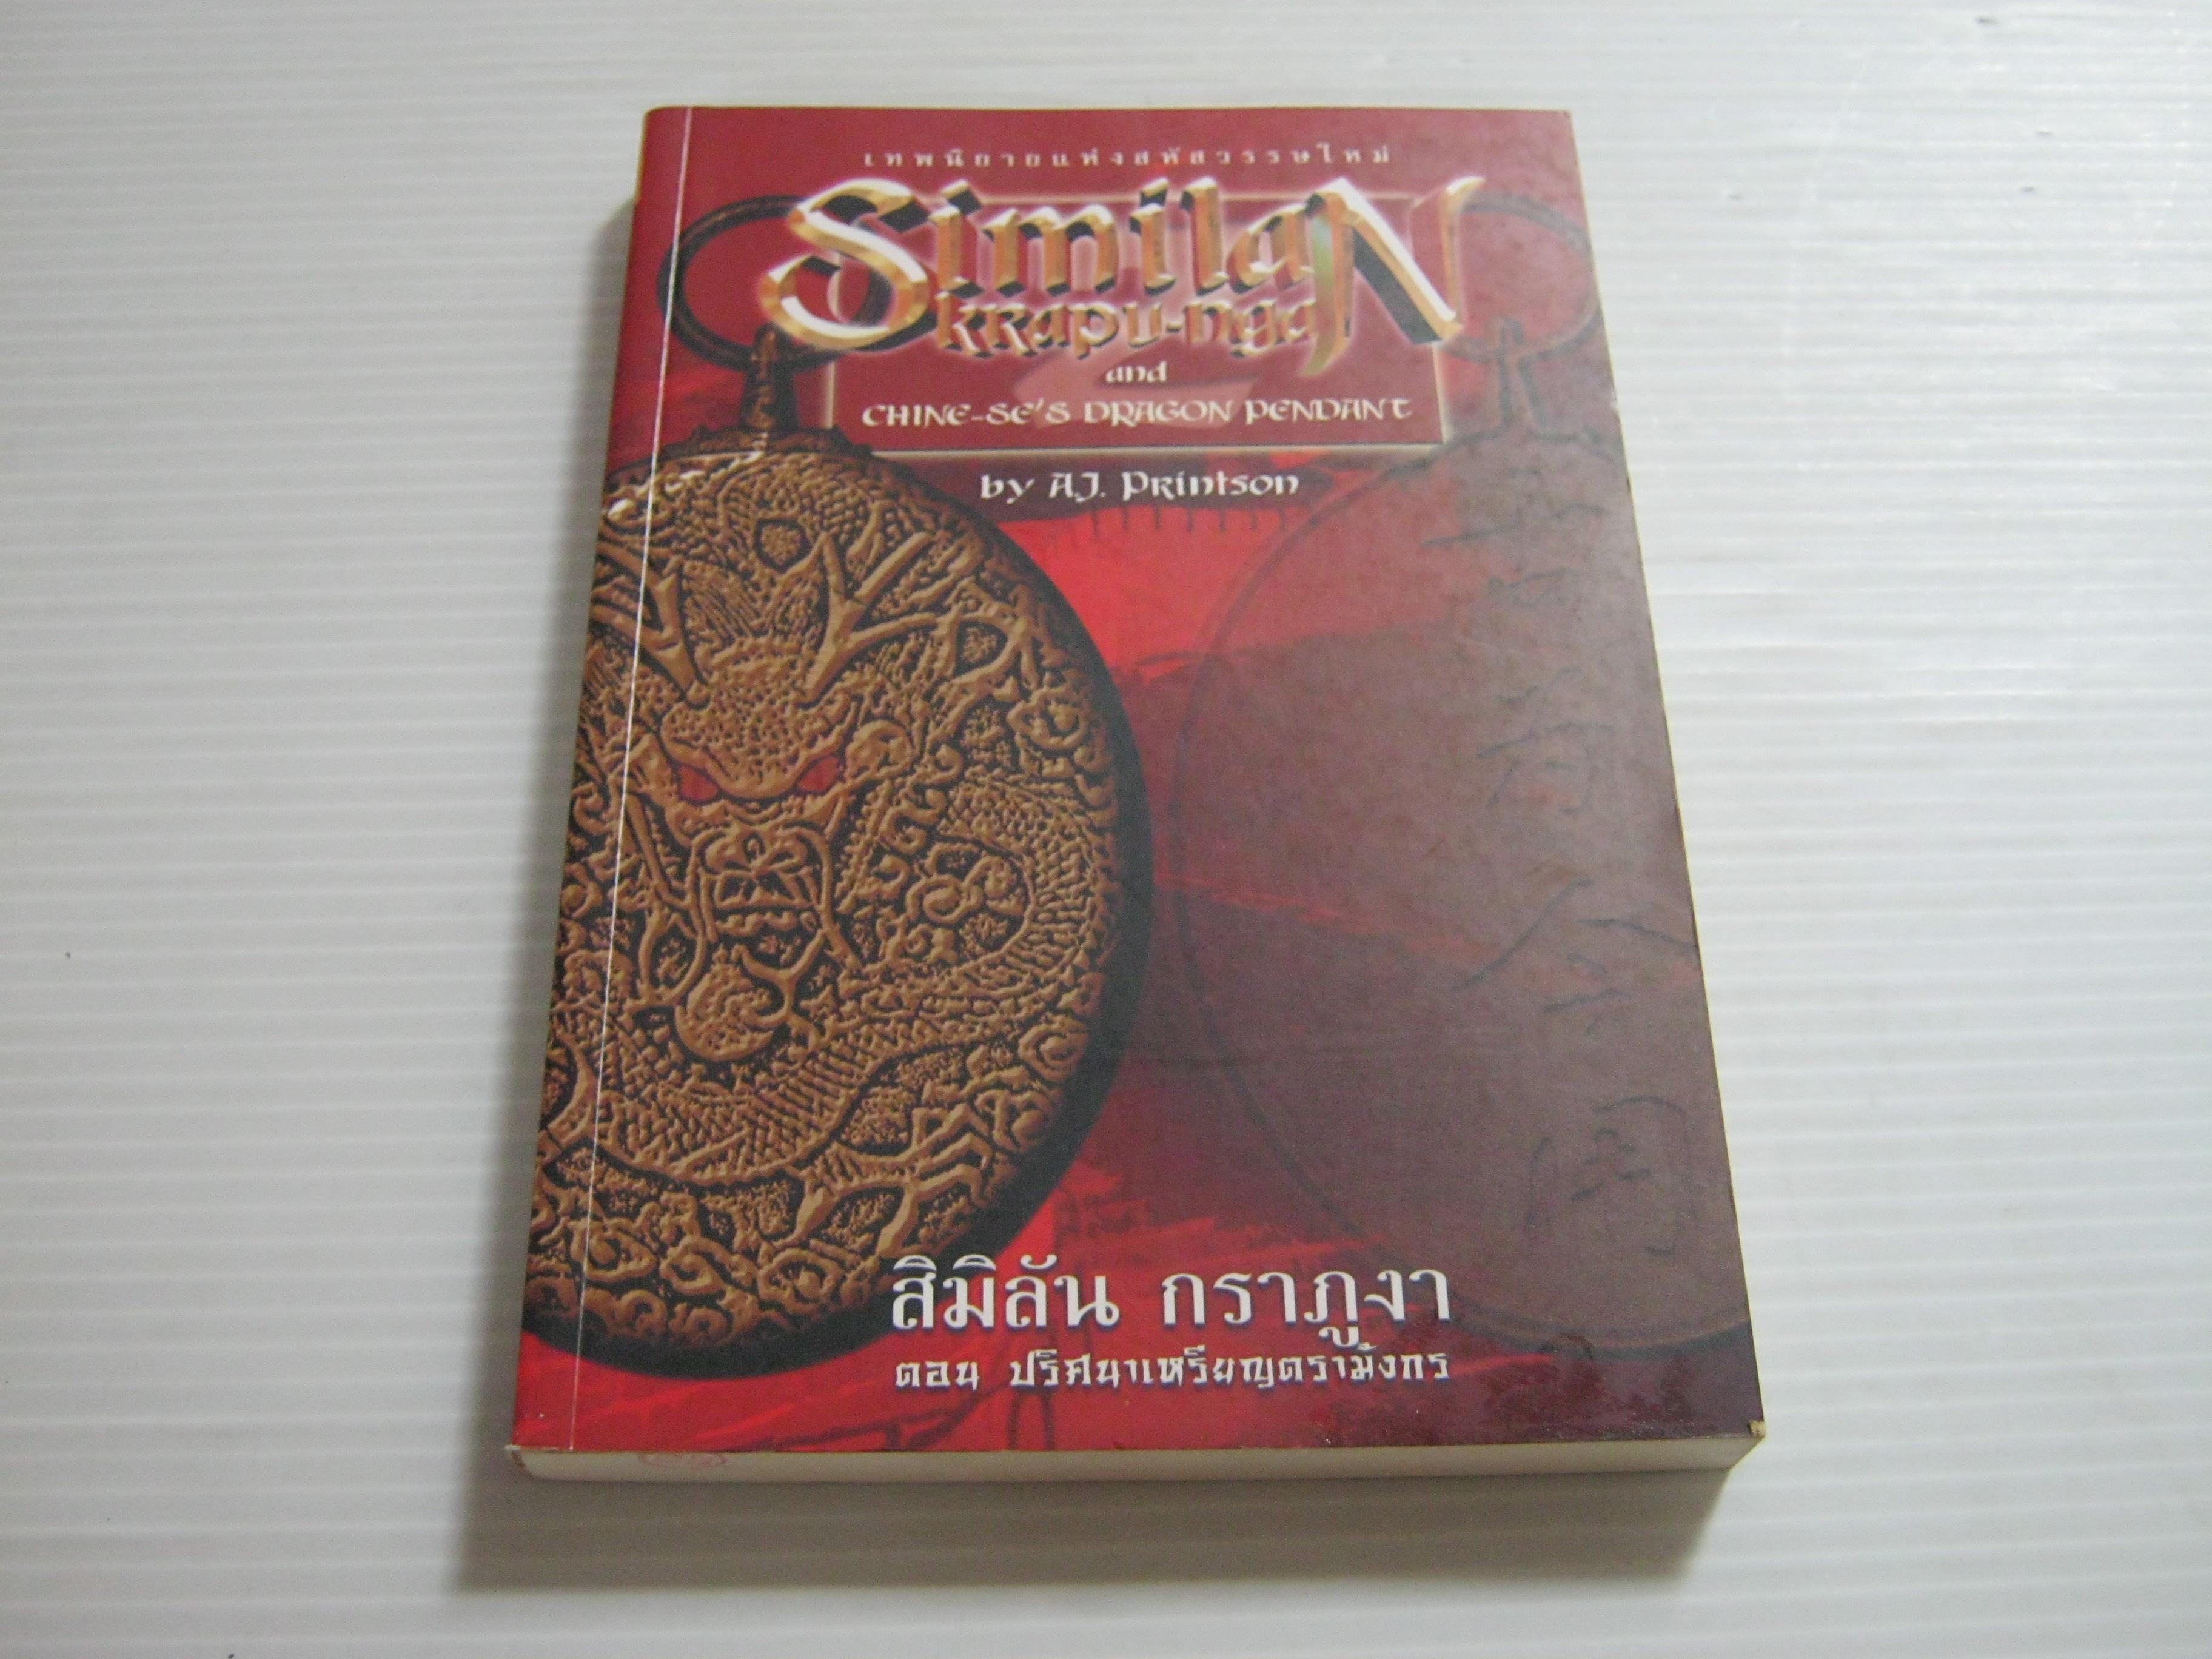 สิมิลัน กราภูงา ตอน ปริศนาเหรียญตรามังกร (Similan Krapu-nga) A.J. Printson เขียน